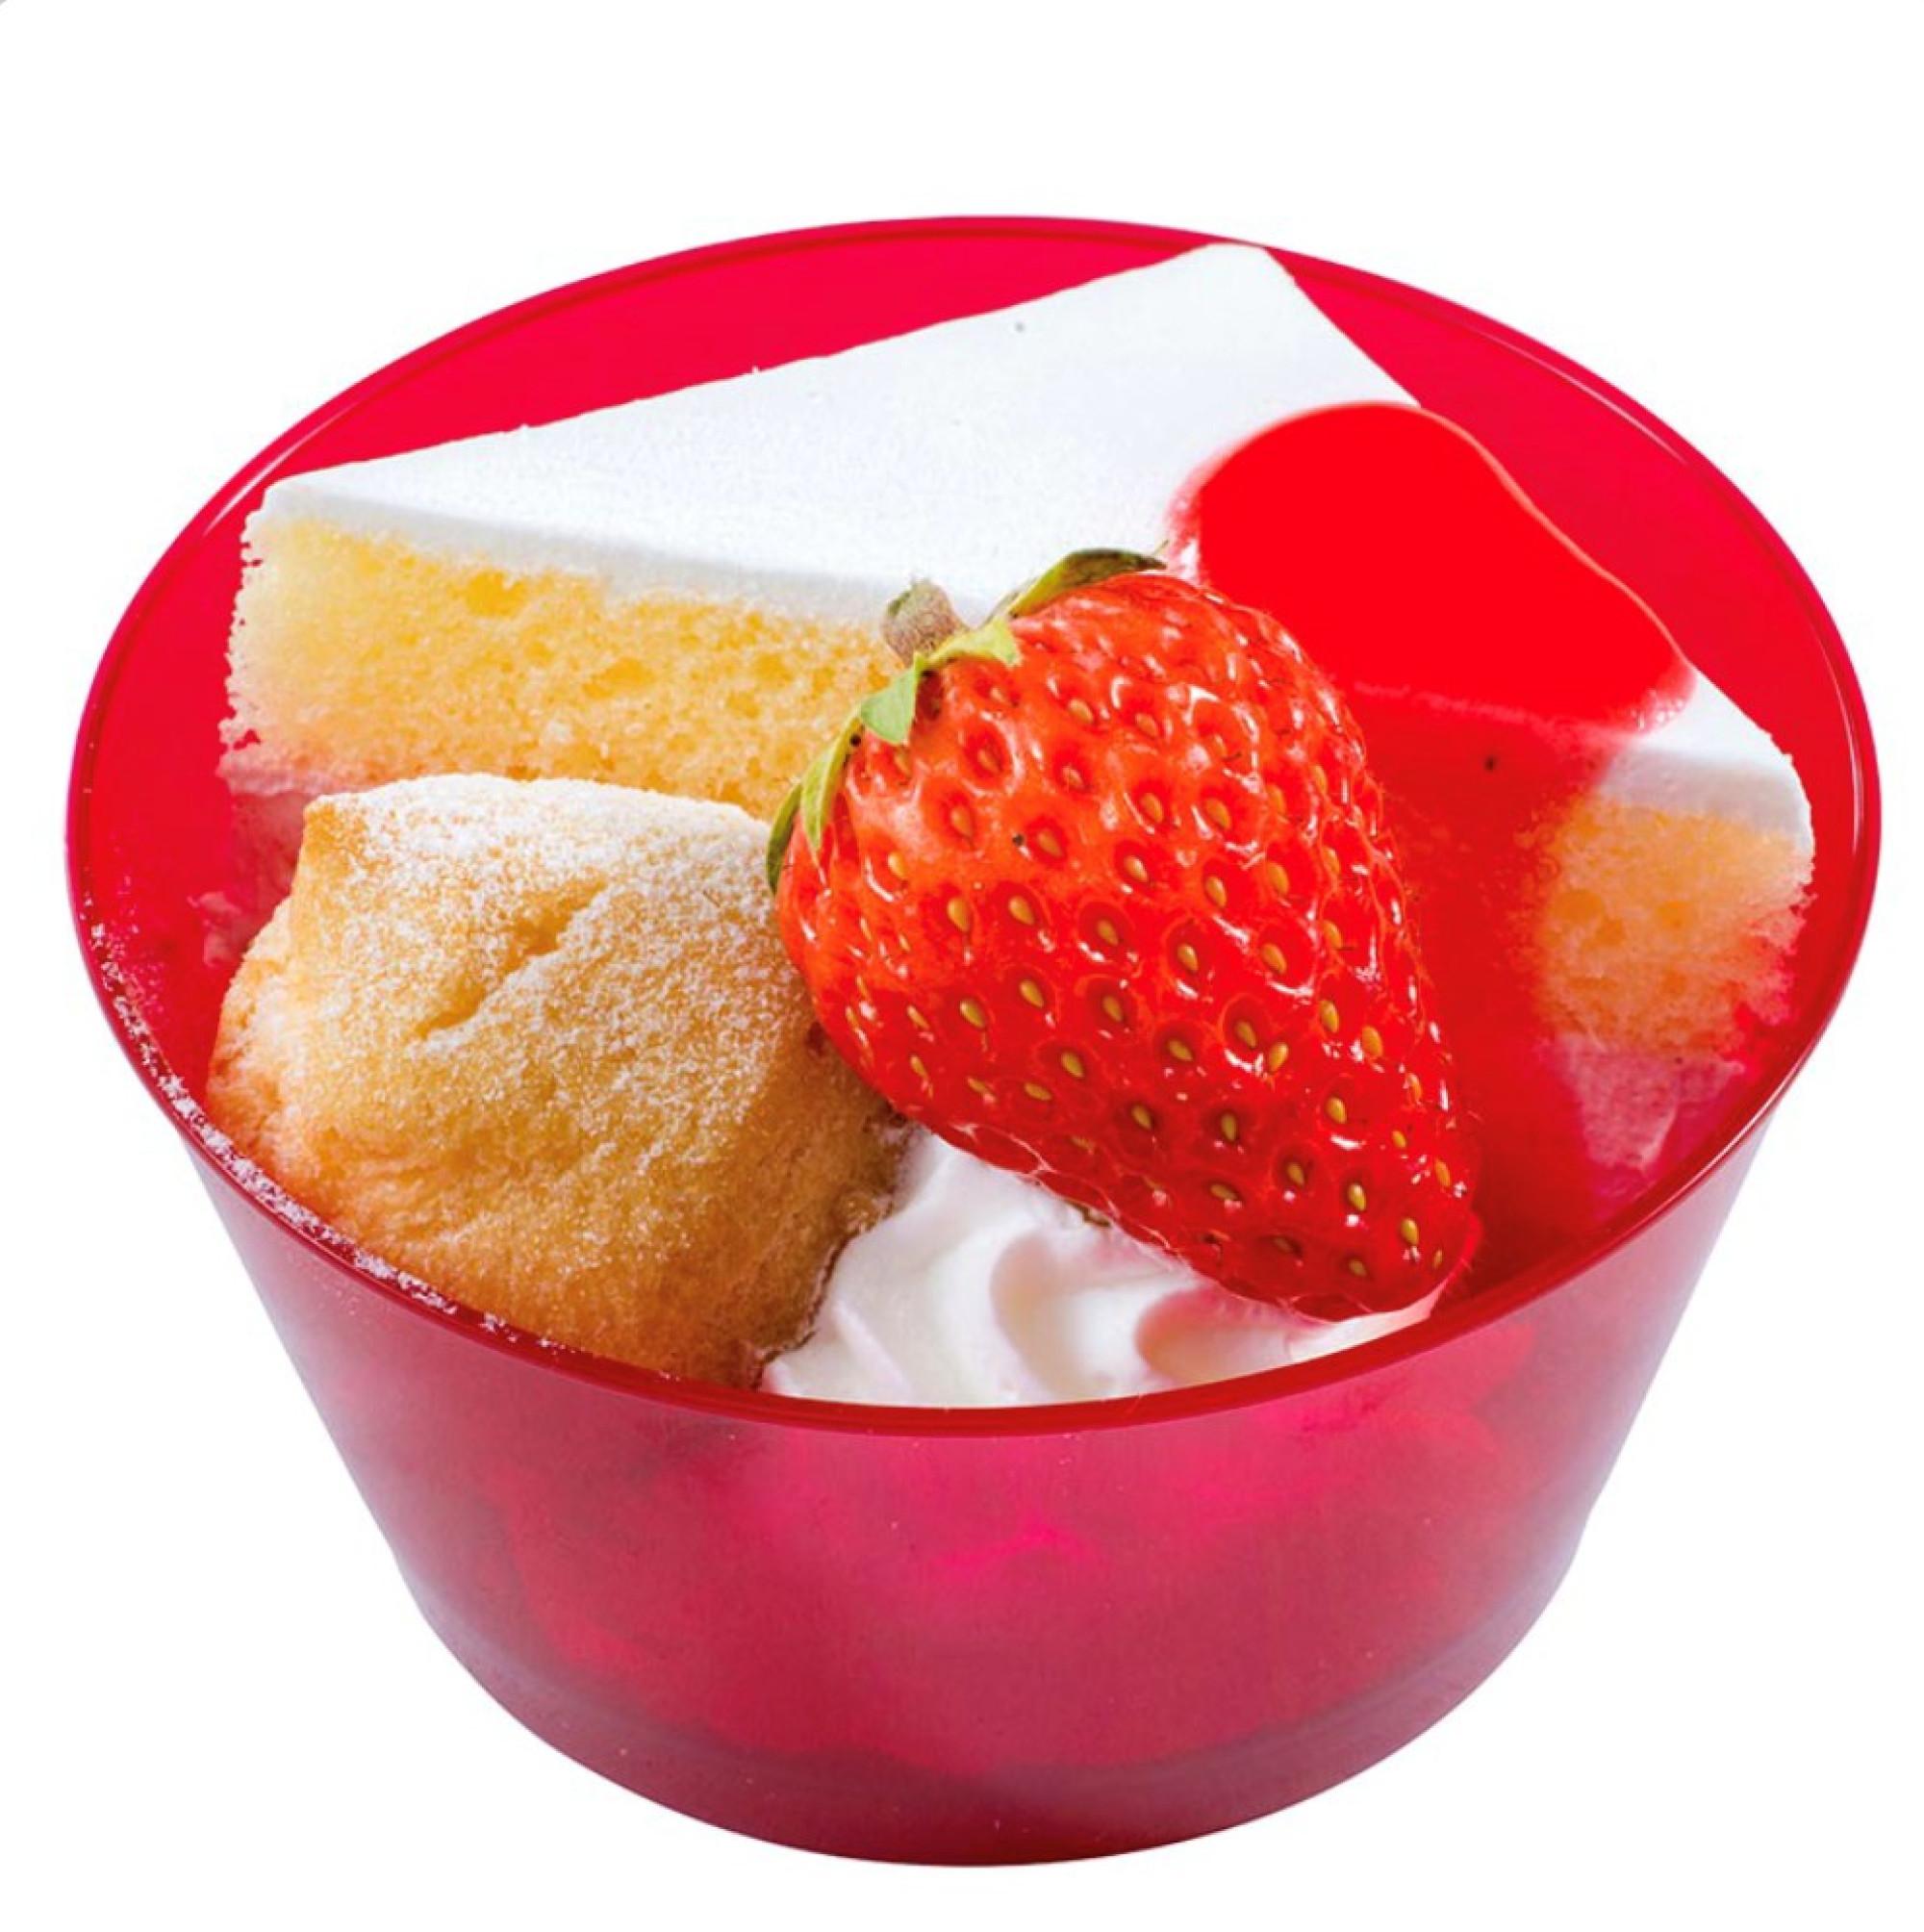 ストロベリークリームケーキ&プチシュークリーム